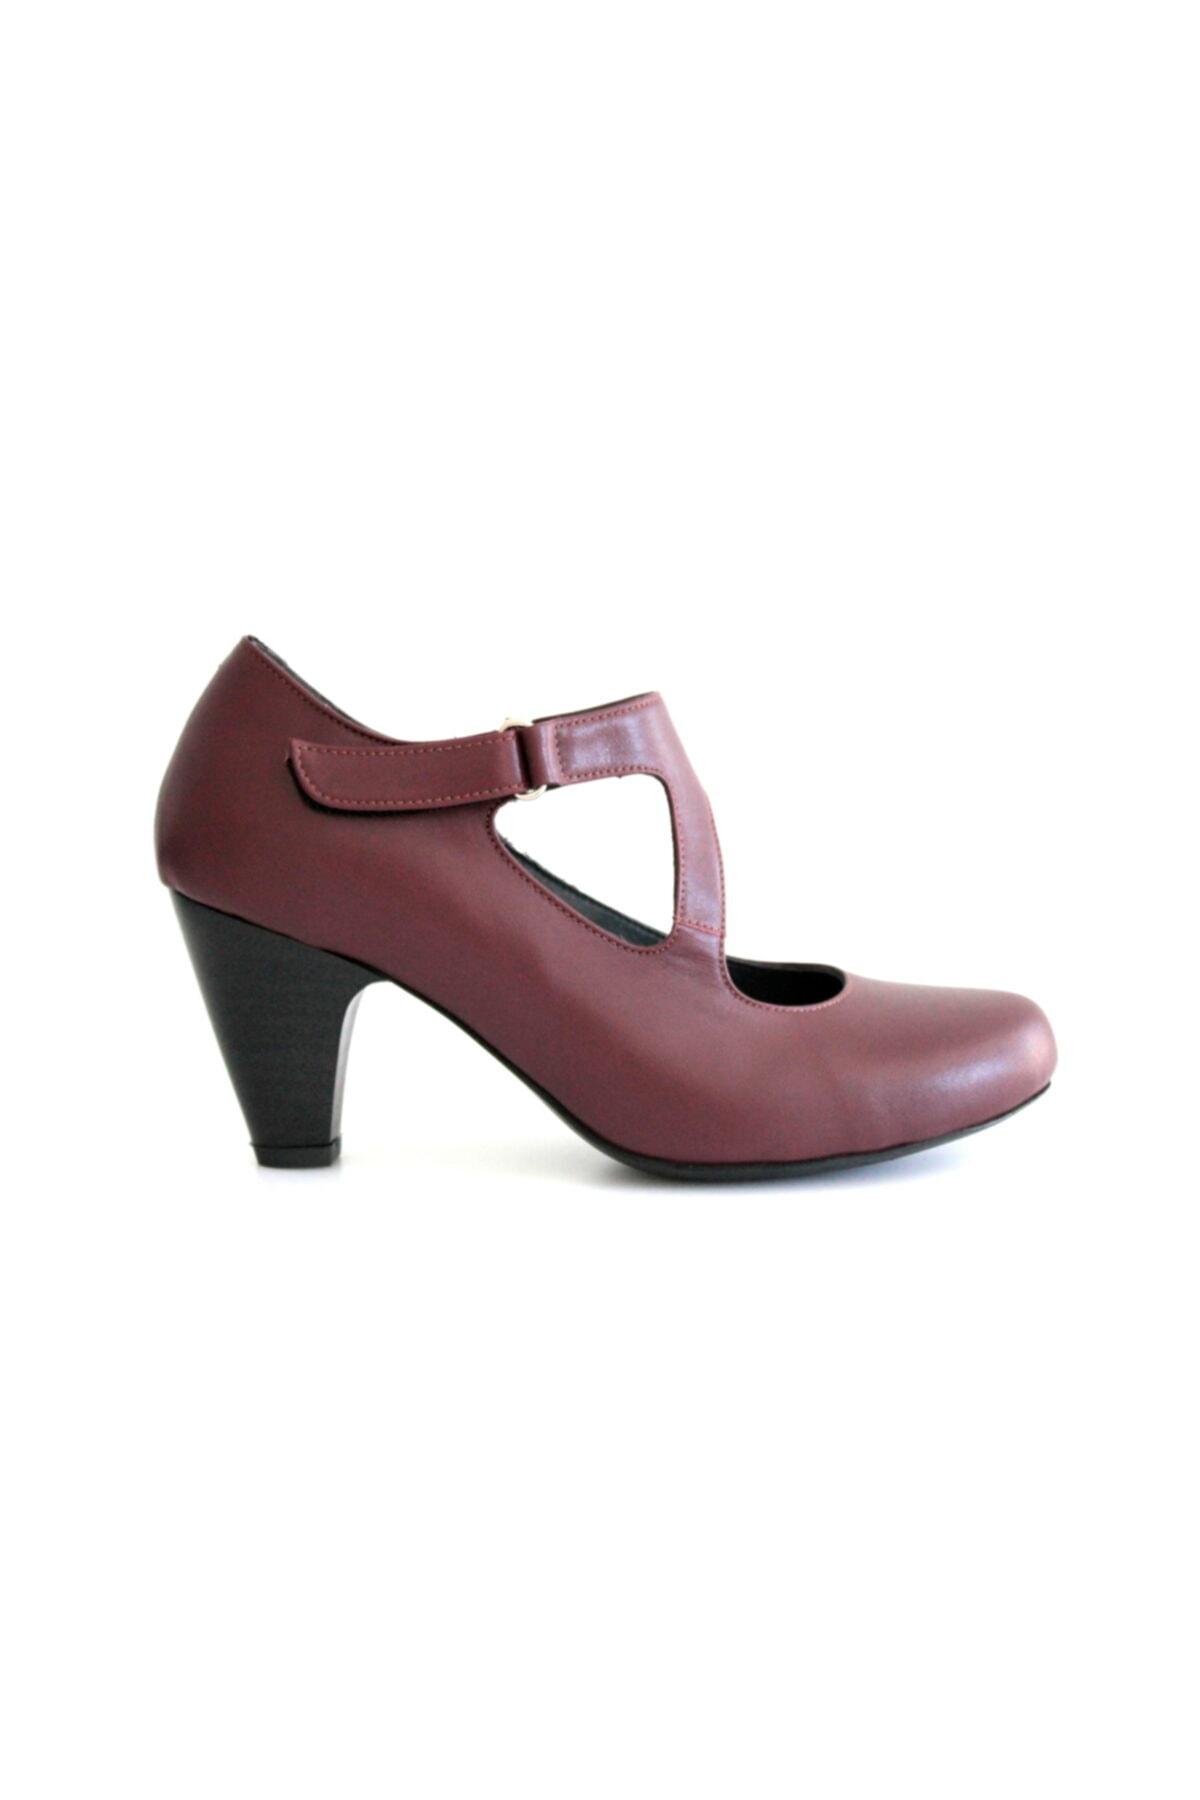 Beta Shoes Kadın Hakiki Deri Topuklu Ayakkabı Bordo 2